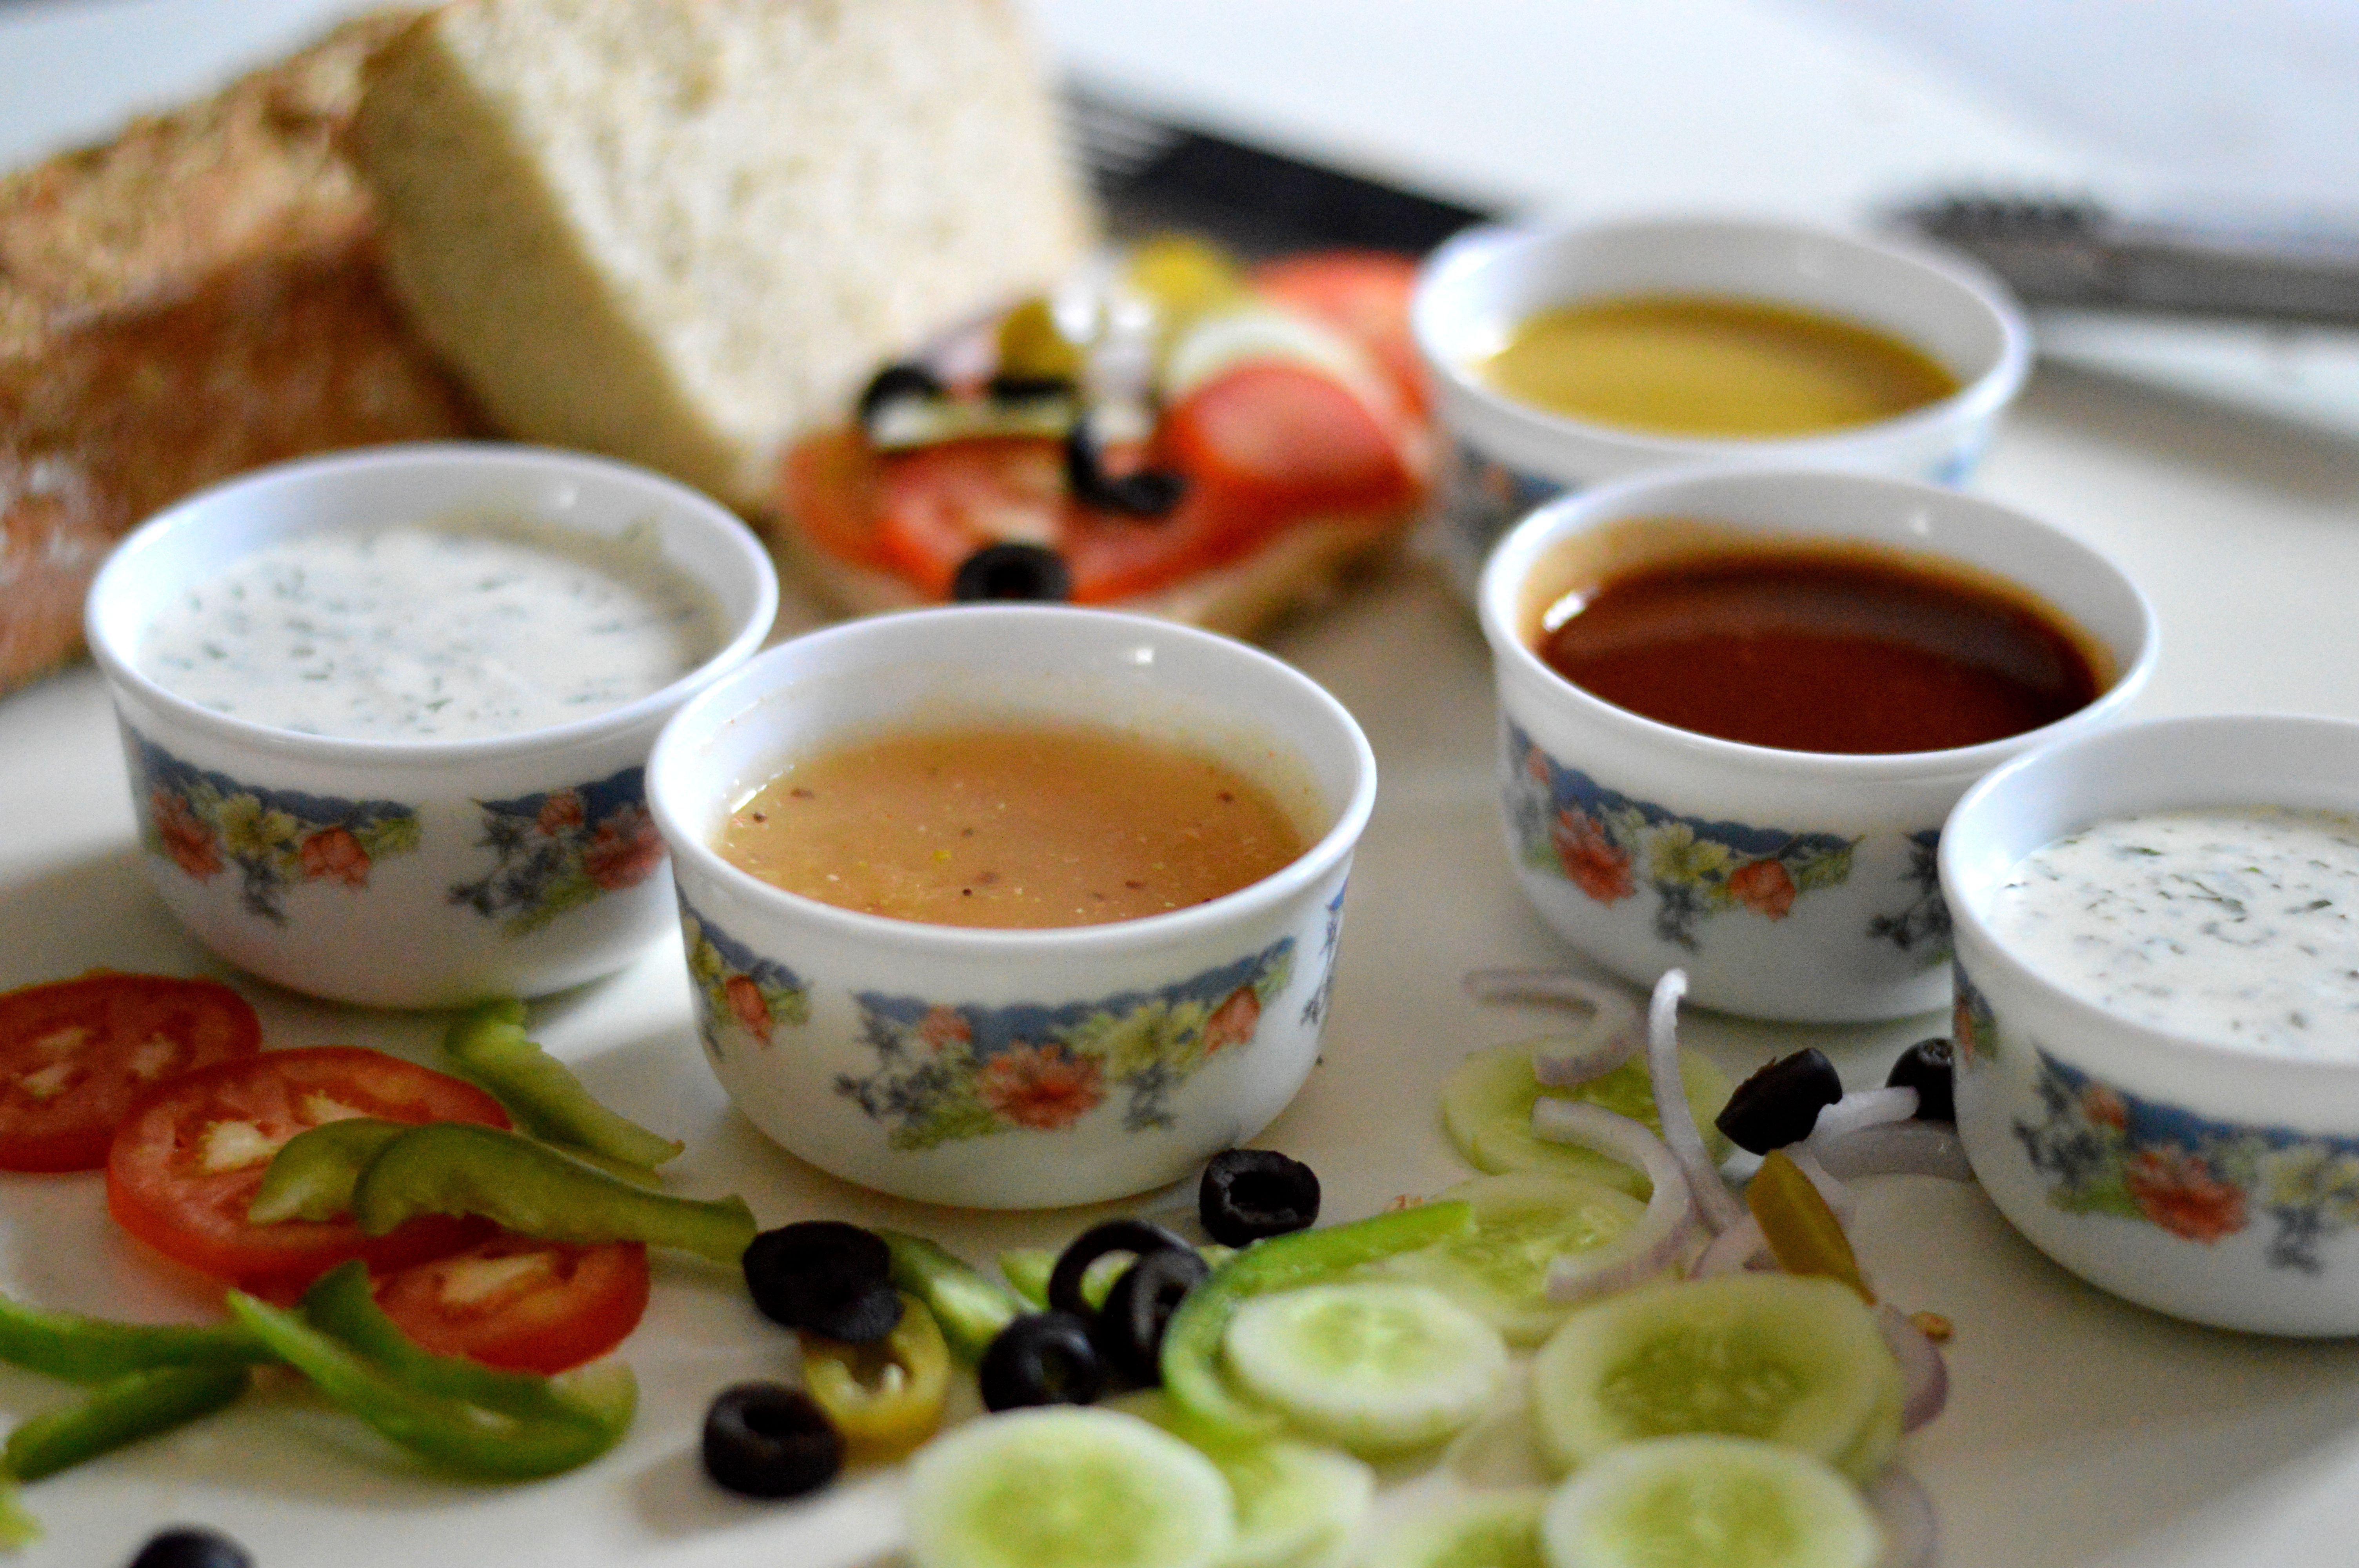 Homemade Subway Sauces | Recipes | Pinterest | Subway sauces, Sauces ...